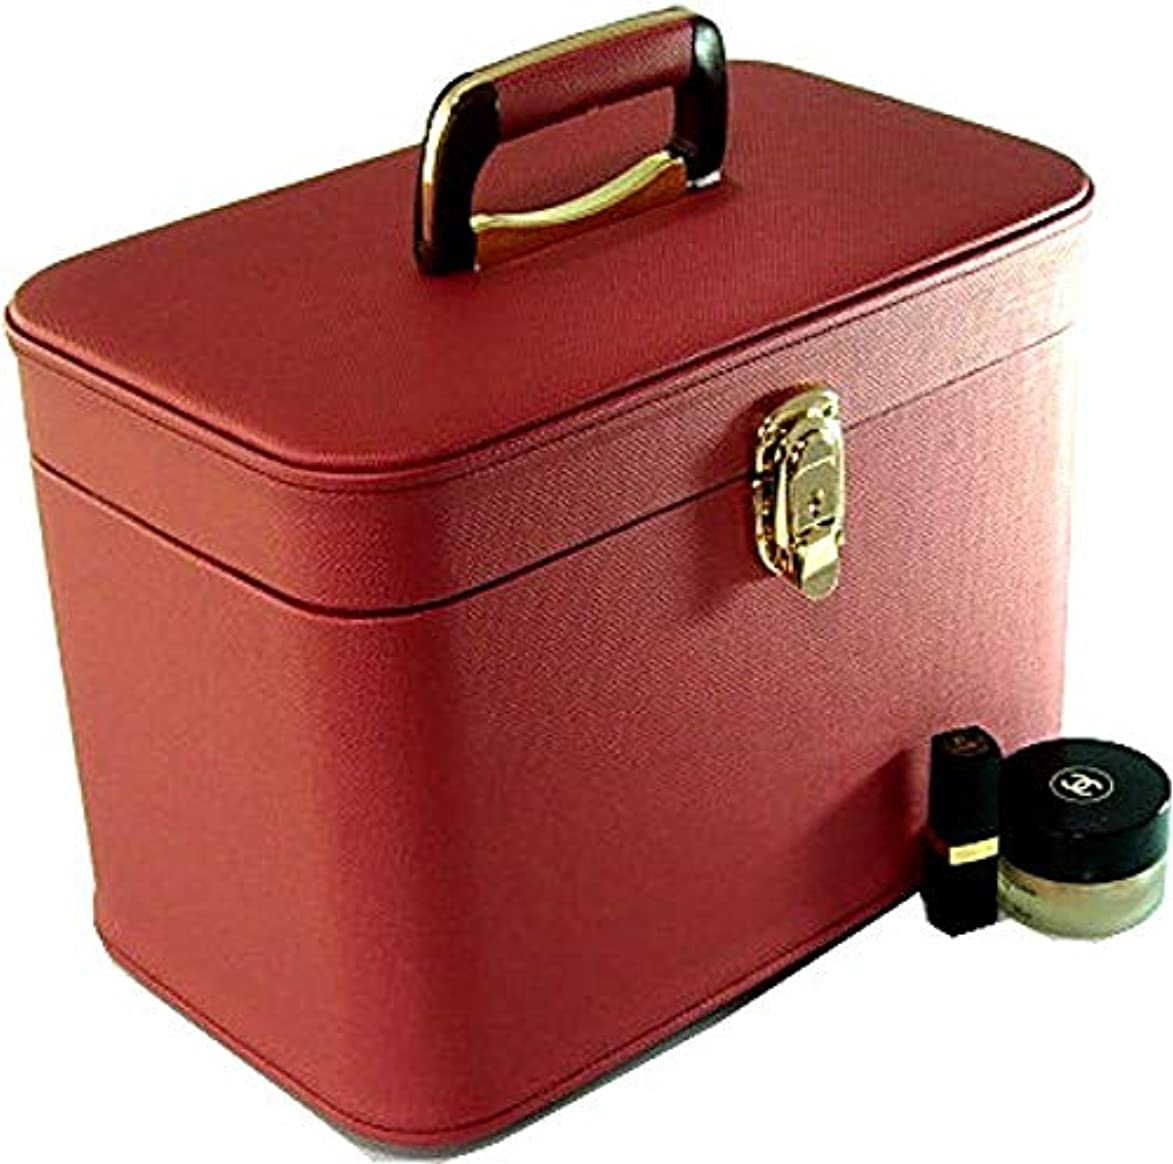 午後難破船見習いメイクボックス コスメボックス トリプルG2 33cm ヨコパールワイン 日本製,メイクアップボックス,トレンチケース,お化粧入れ,化粧雑貨,メーキャップボックス,化粧箱,かわいい,メイク道具箱,メイク雑貨,化粧ボックス